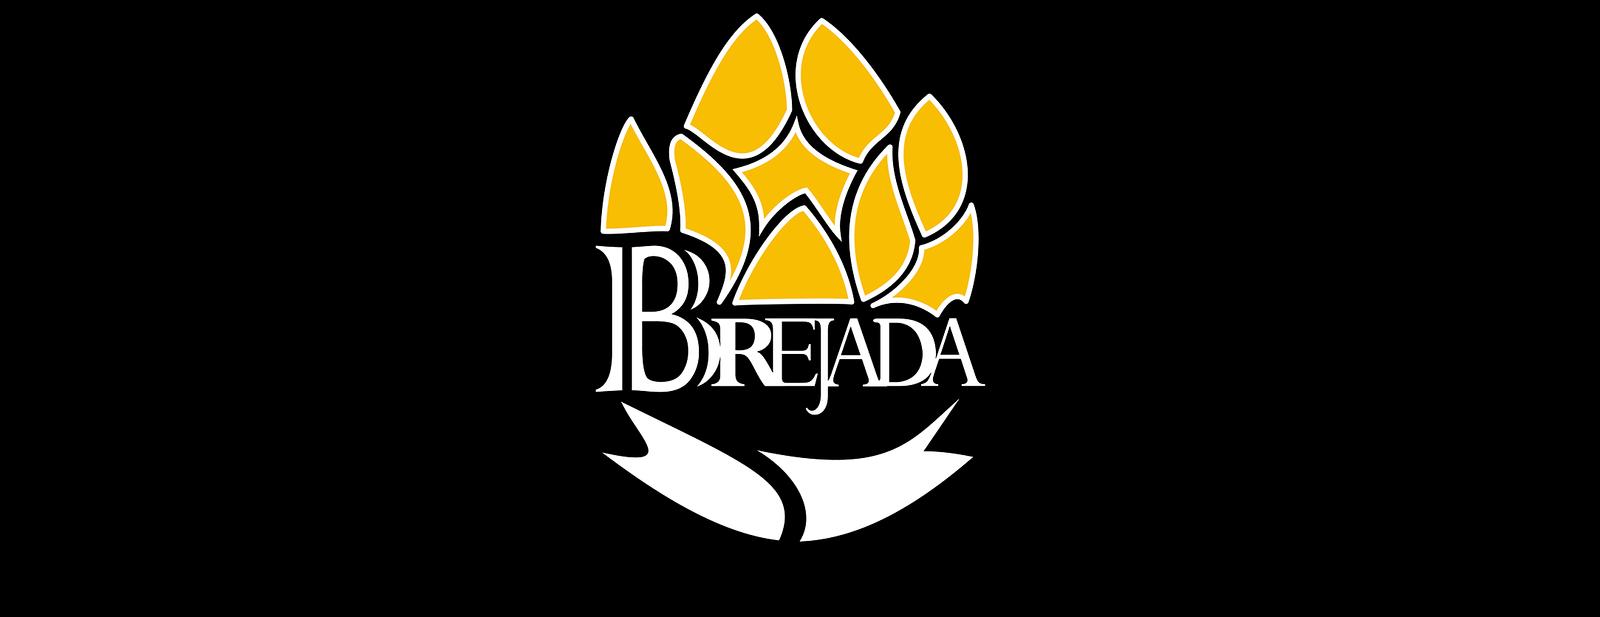 Brejada Cerveja Artesanal, Consultoria e Eventos